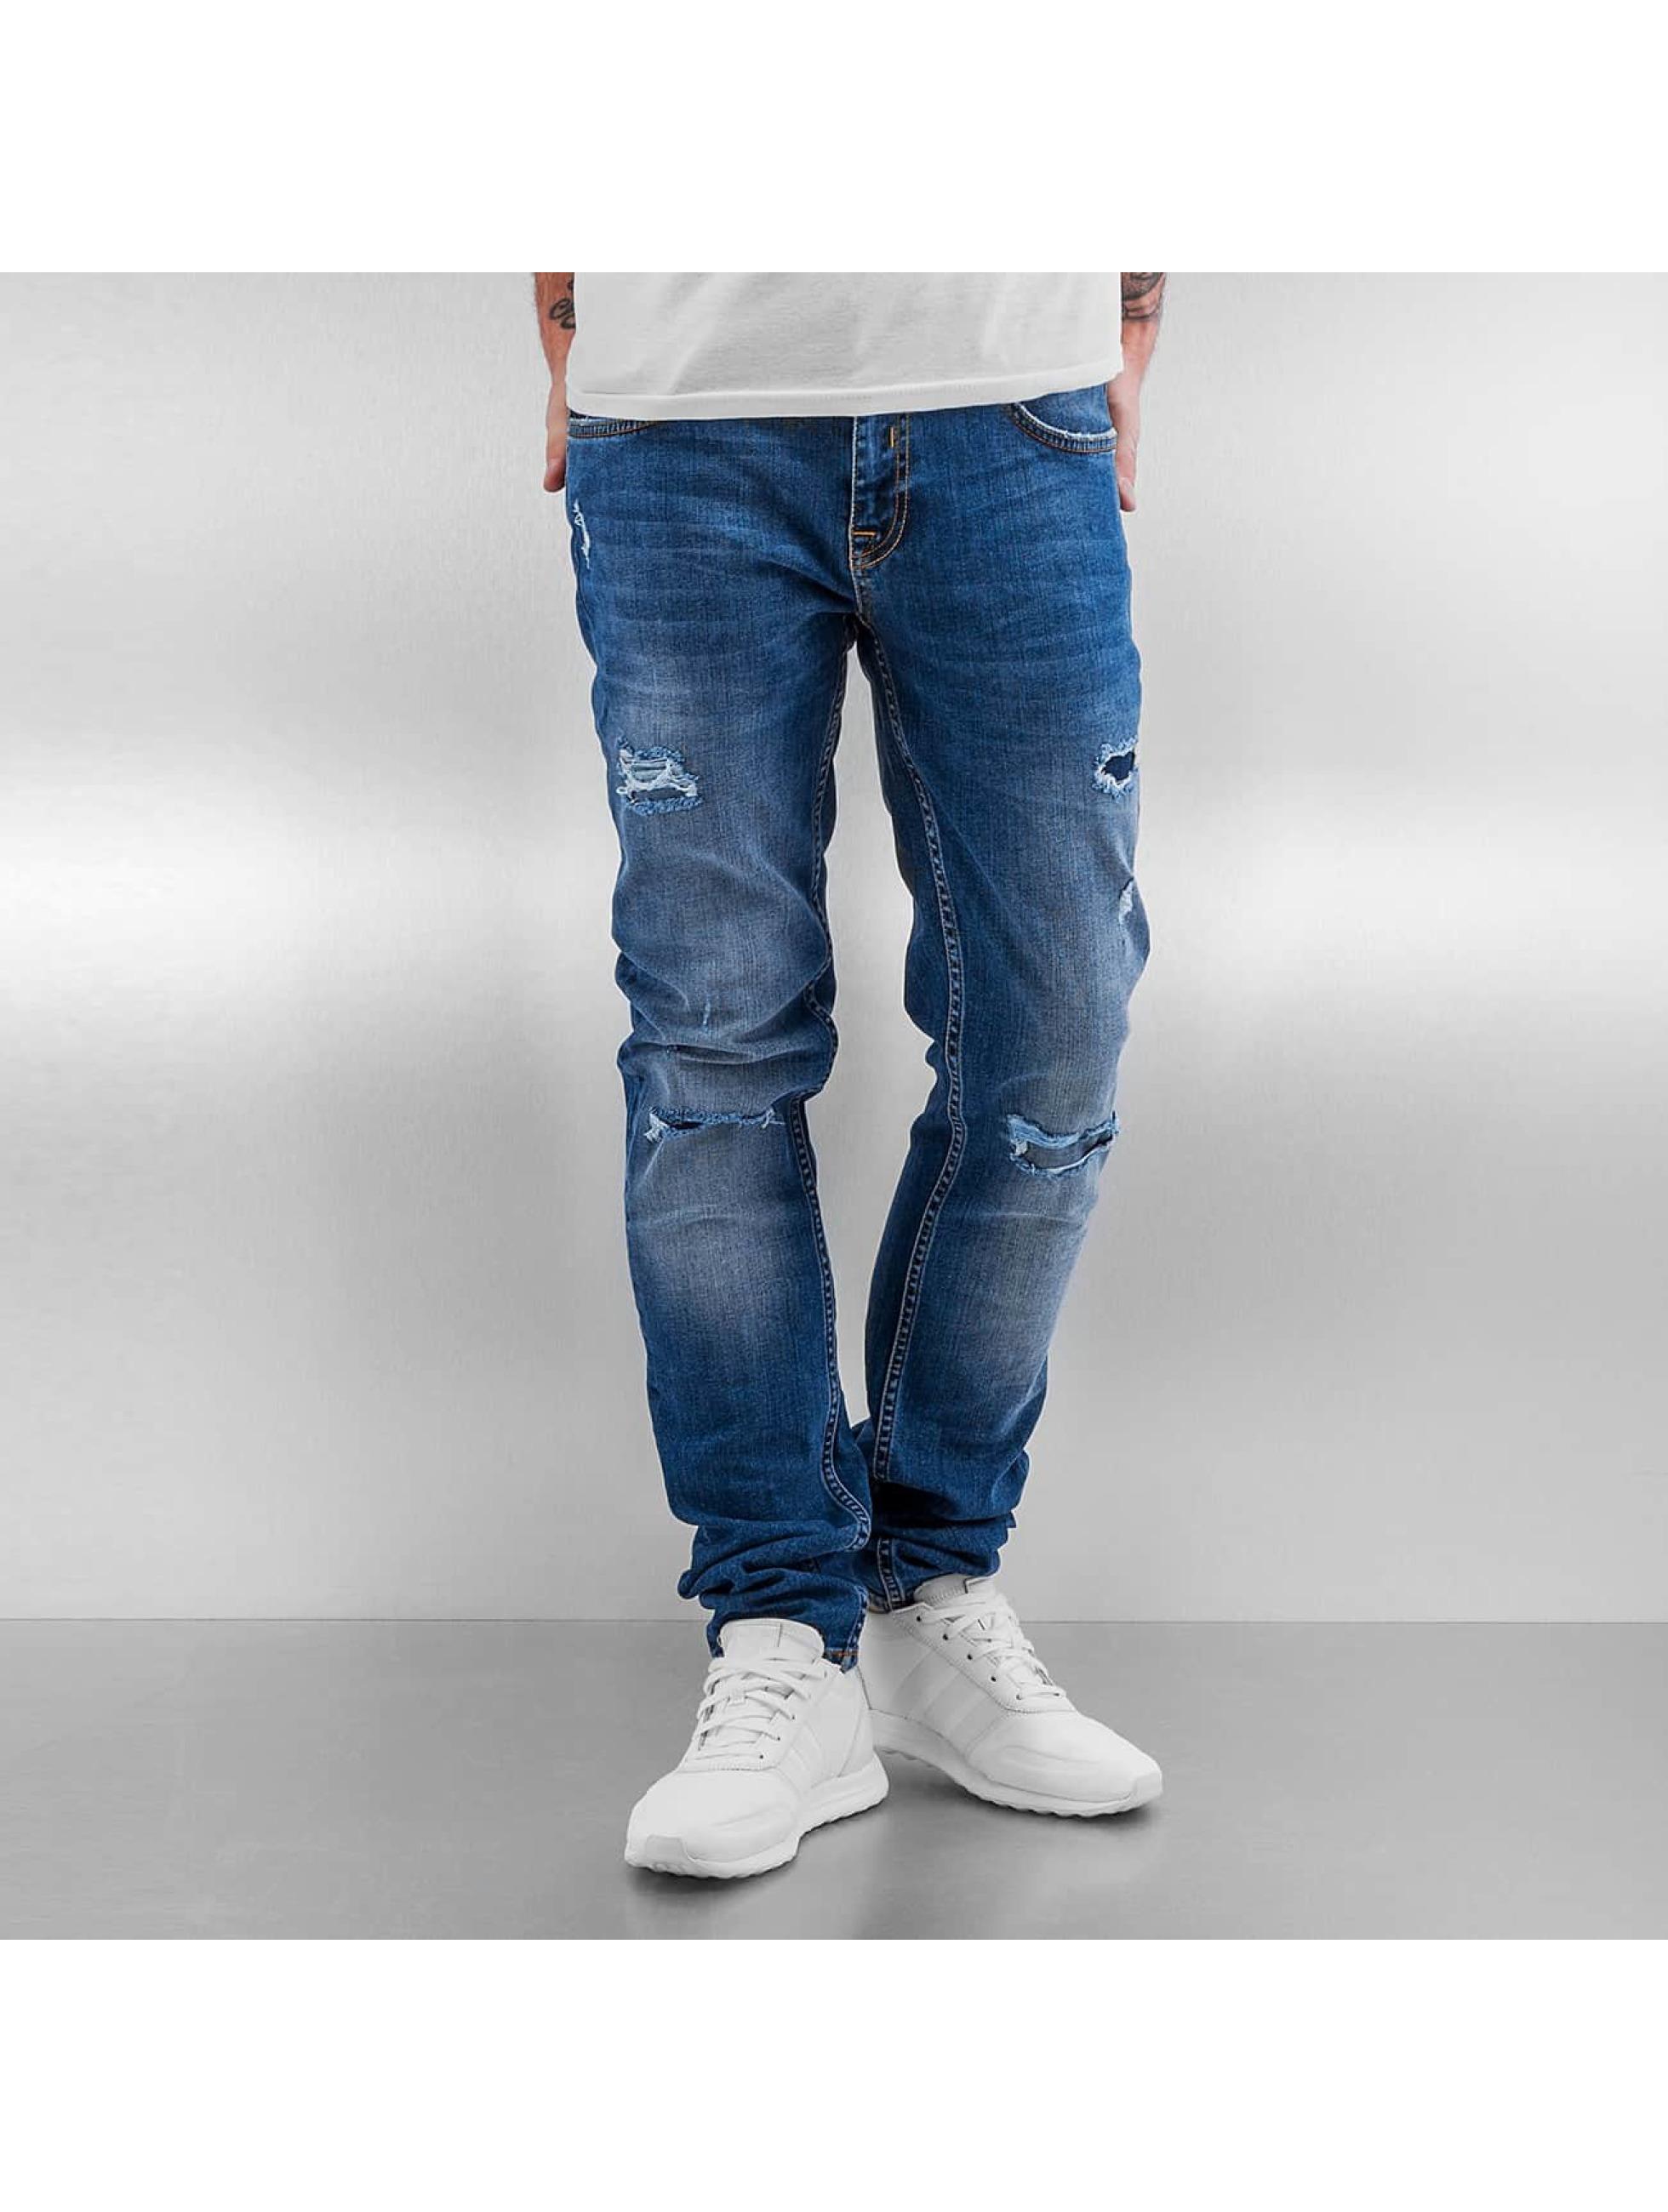 Skinny Jeans Vaasa in blau